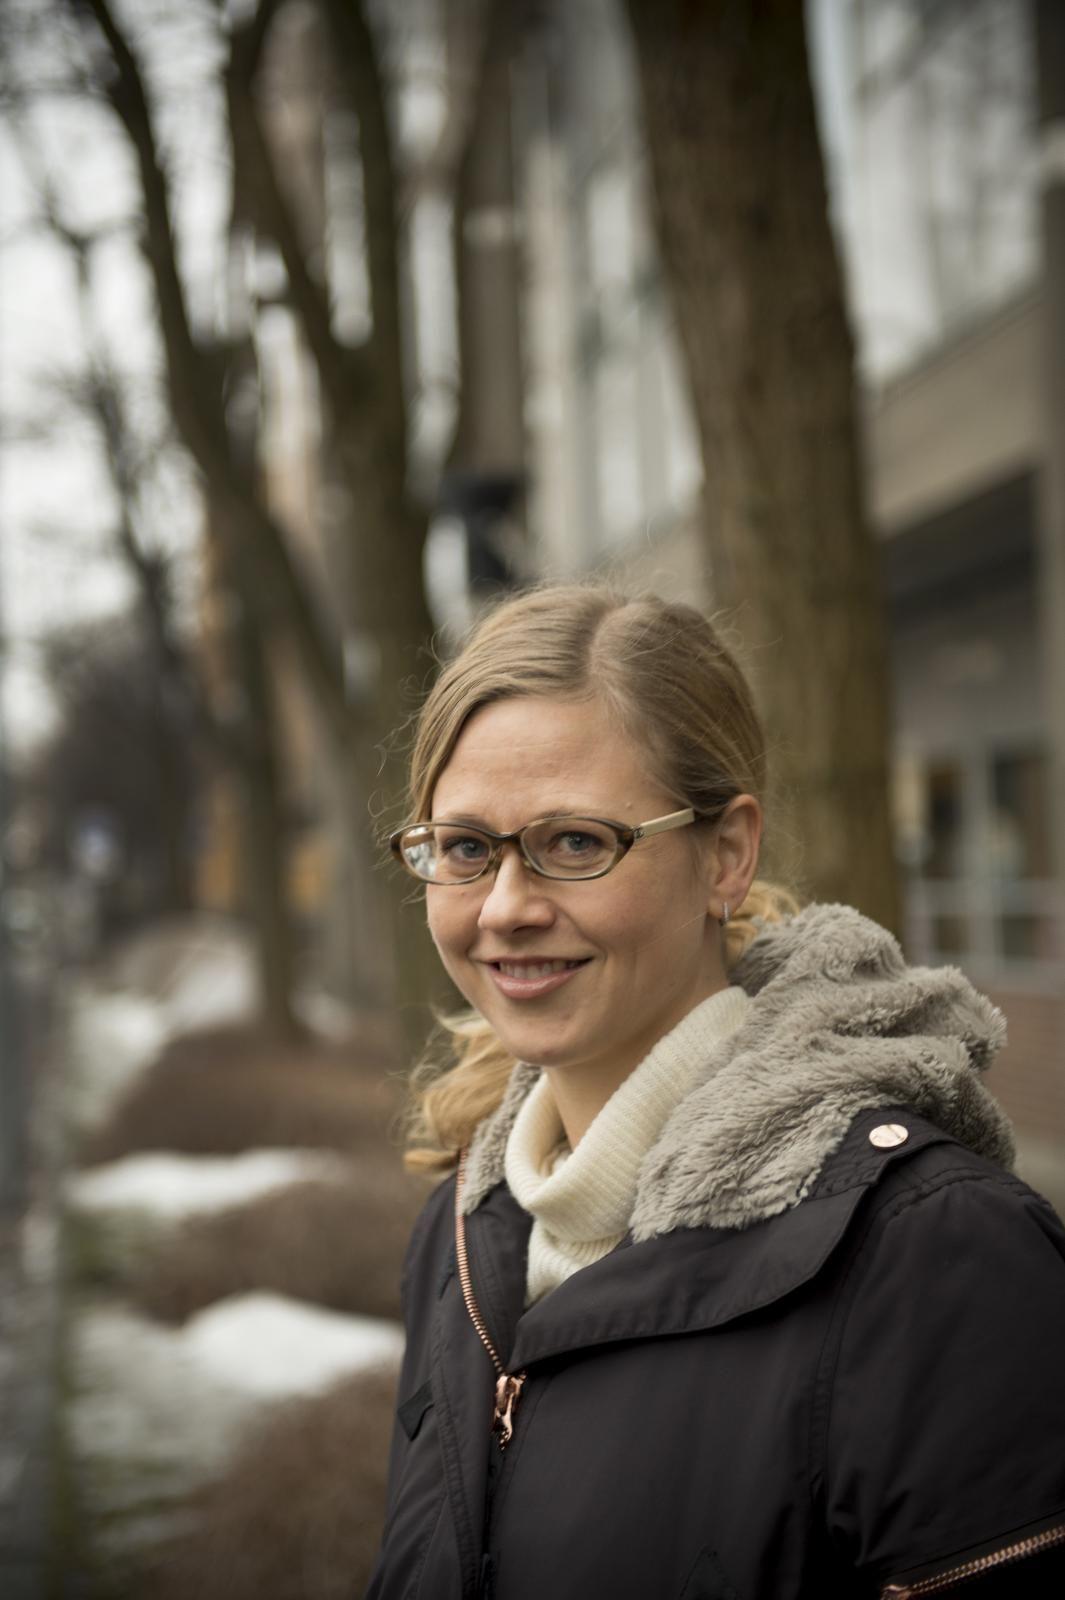 BØR VAKSINERE: Overlege Margrethe Greve-Isdahl ved Folkehelseinstituttet anbefaler alle å vaksinere seg. - Meslinger er ekstremt smittsomt, og 30 prosent av dem som får det ender opp med komplikasjoner, sier hun.